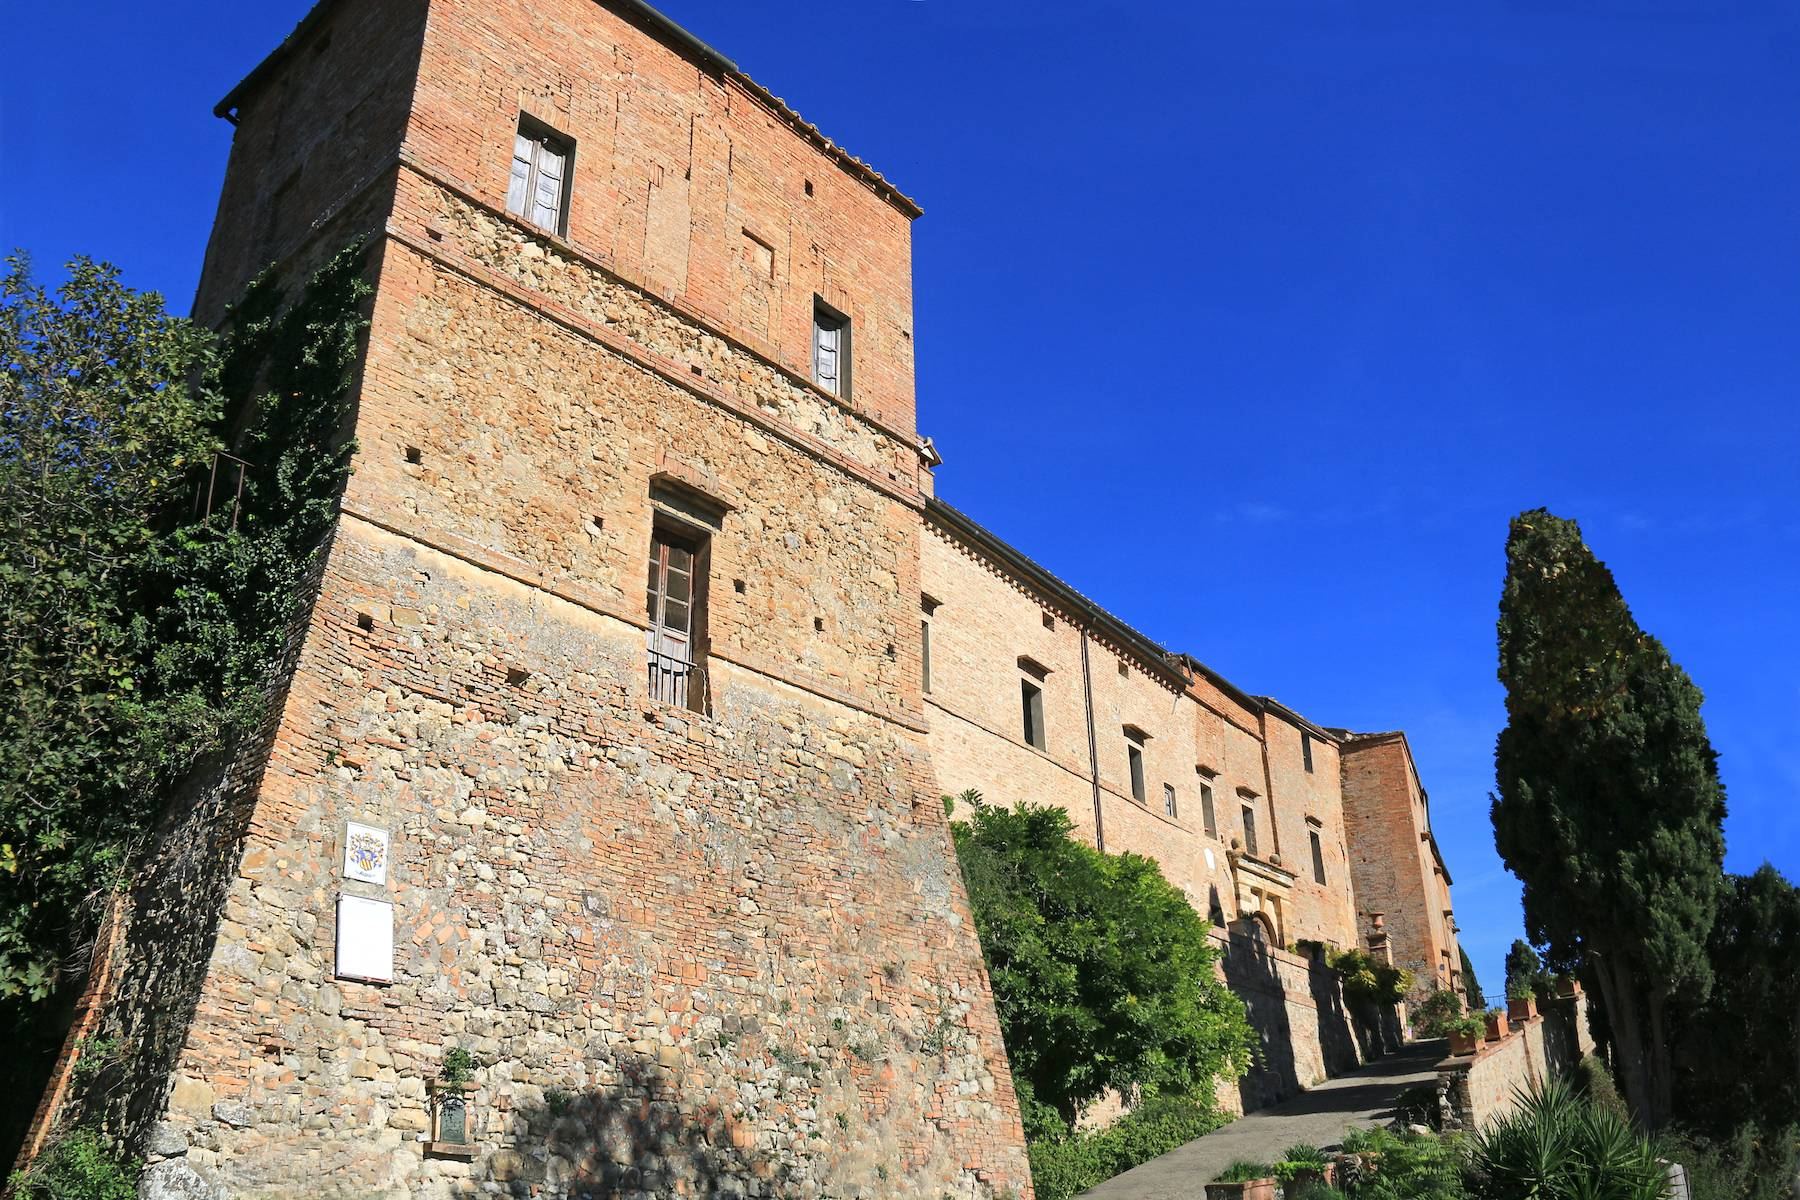 Meraviglioso castello nel cuore della Toscana - 6